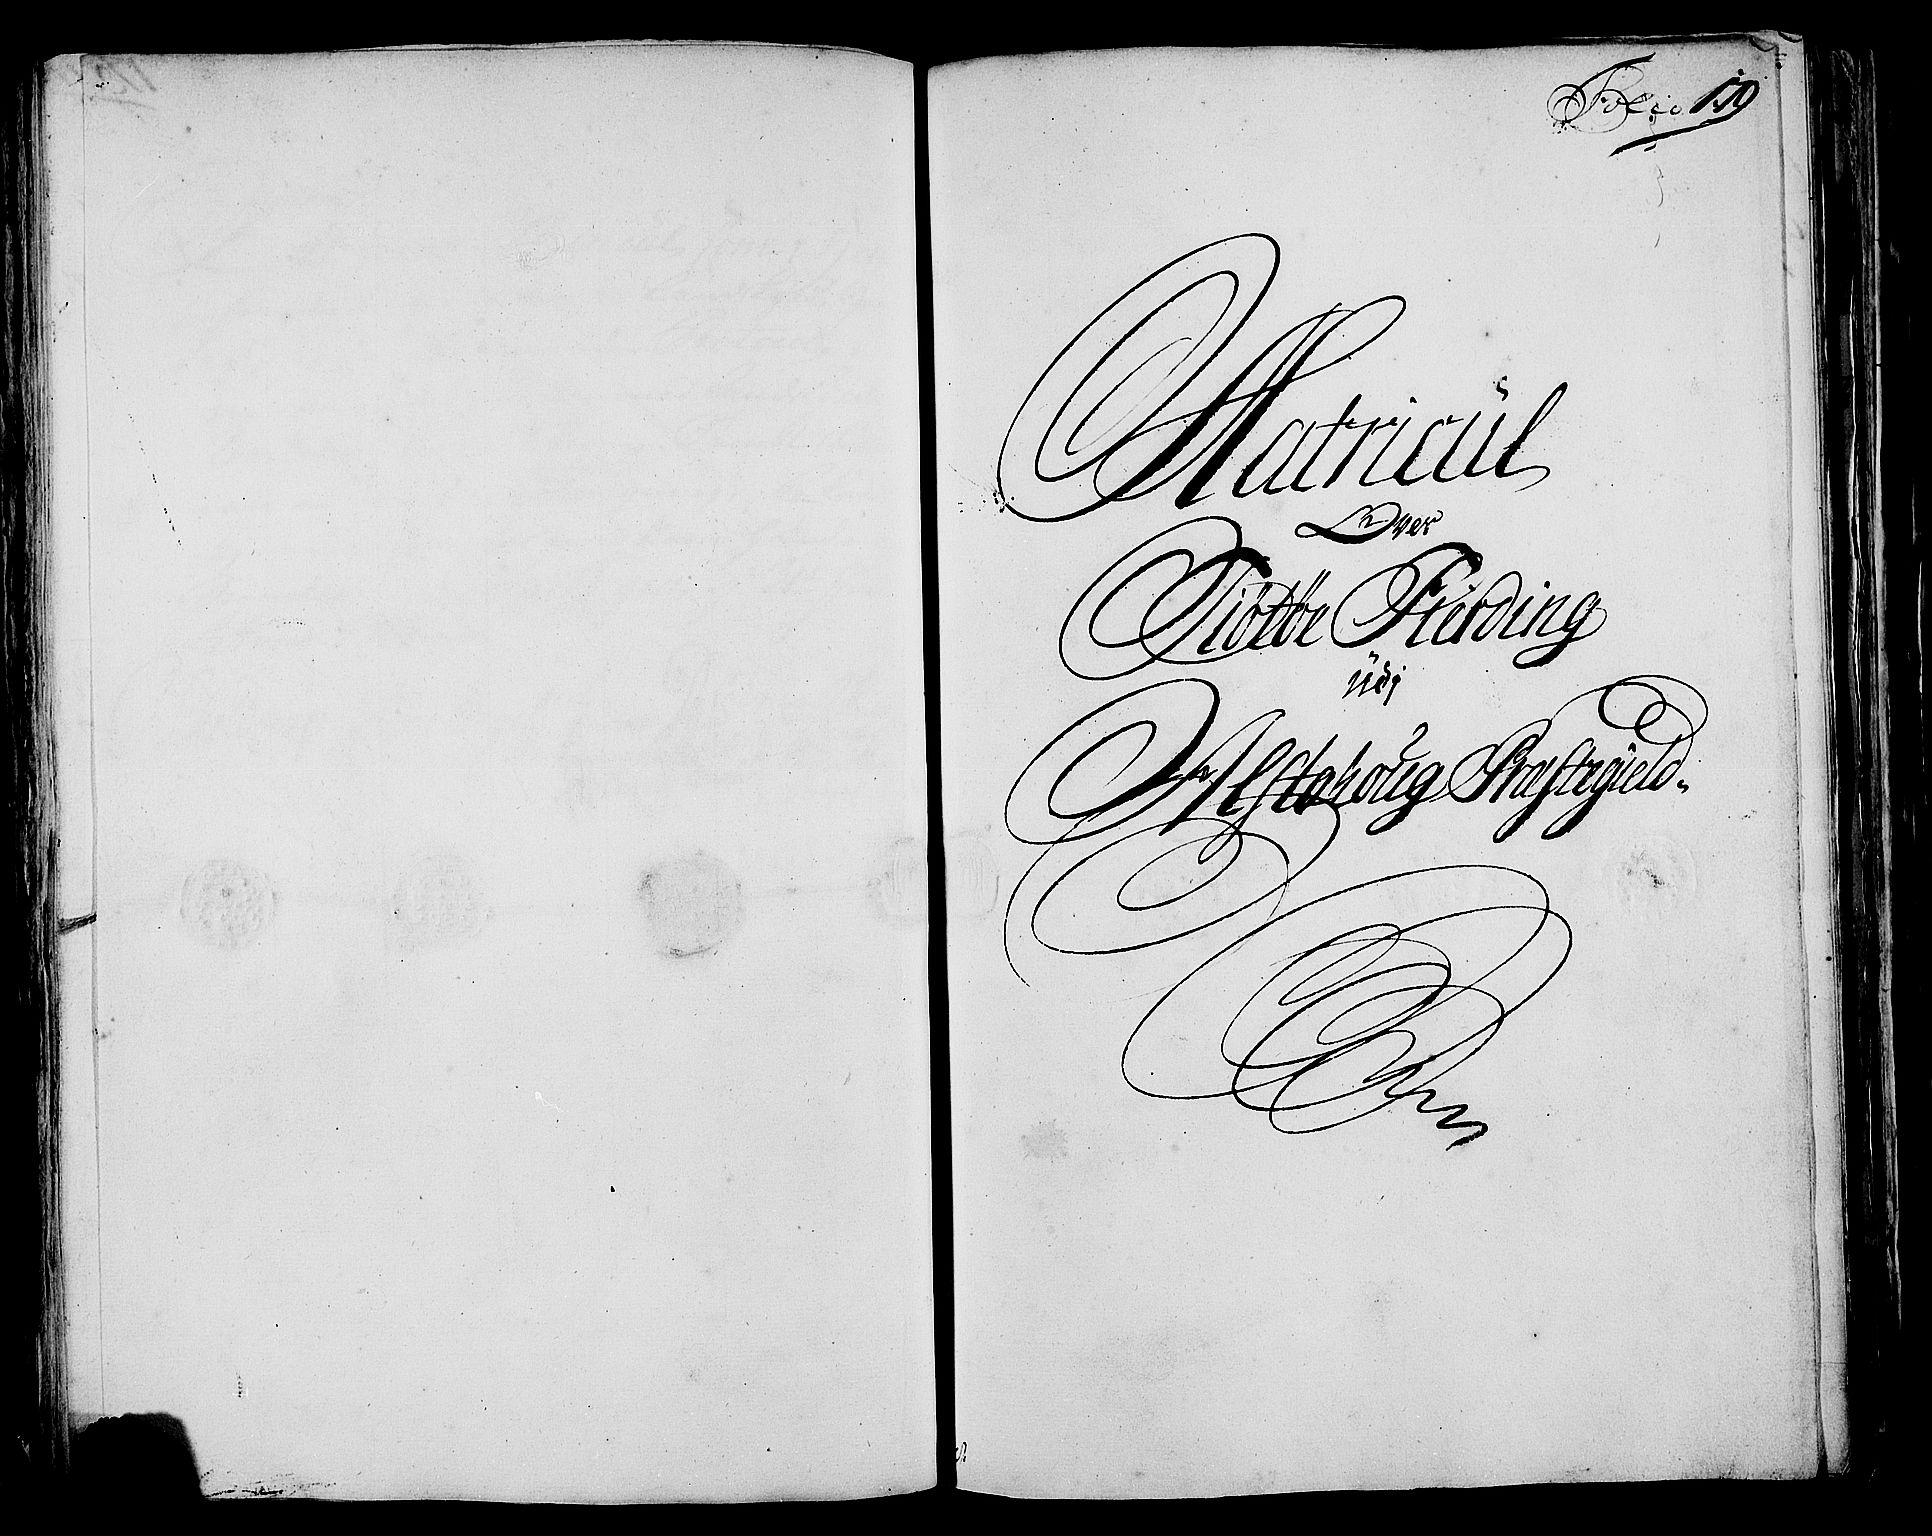 RA, Rentekammeret inntil 1814, Realistisk ordnet avdeling, N/Nb/Nbf/L0171: Helgeland matrikkelprotokoll, 1723, s. 178b-179a